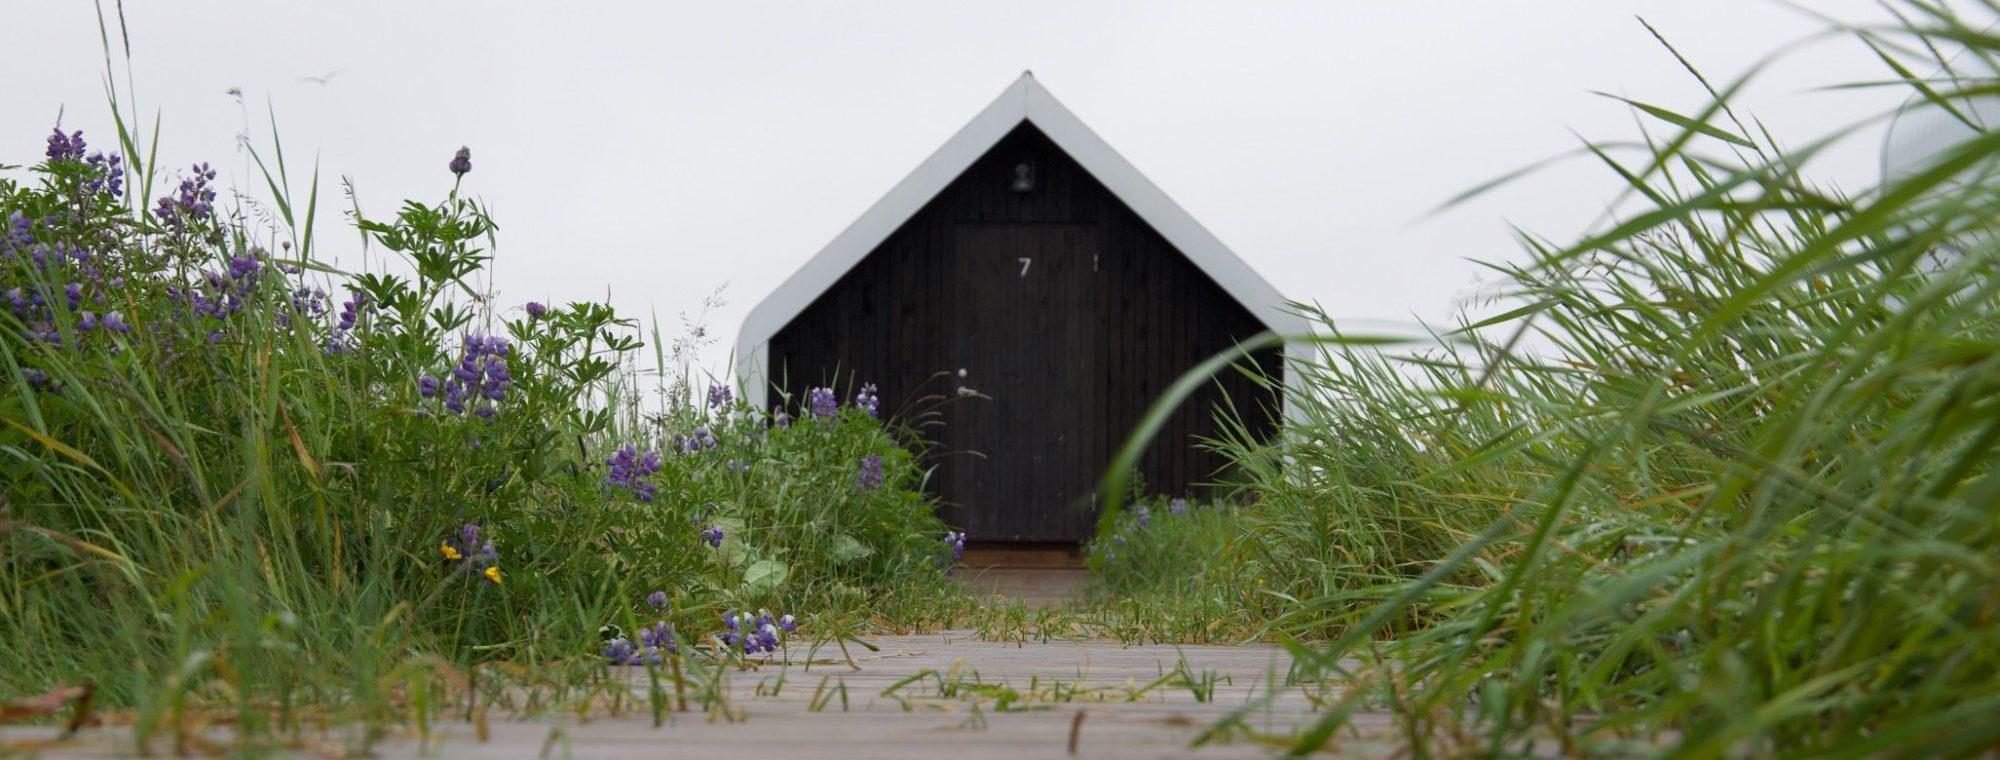 Hütte Sandgerði